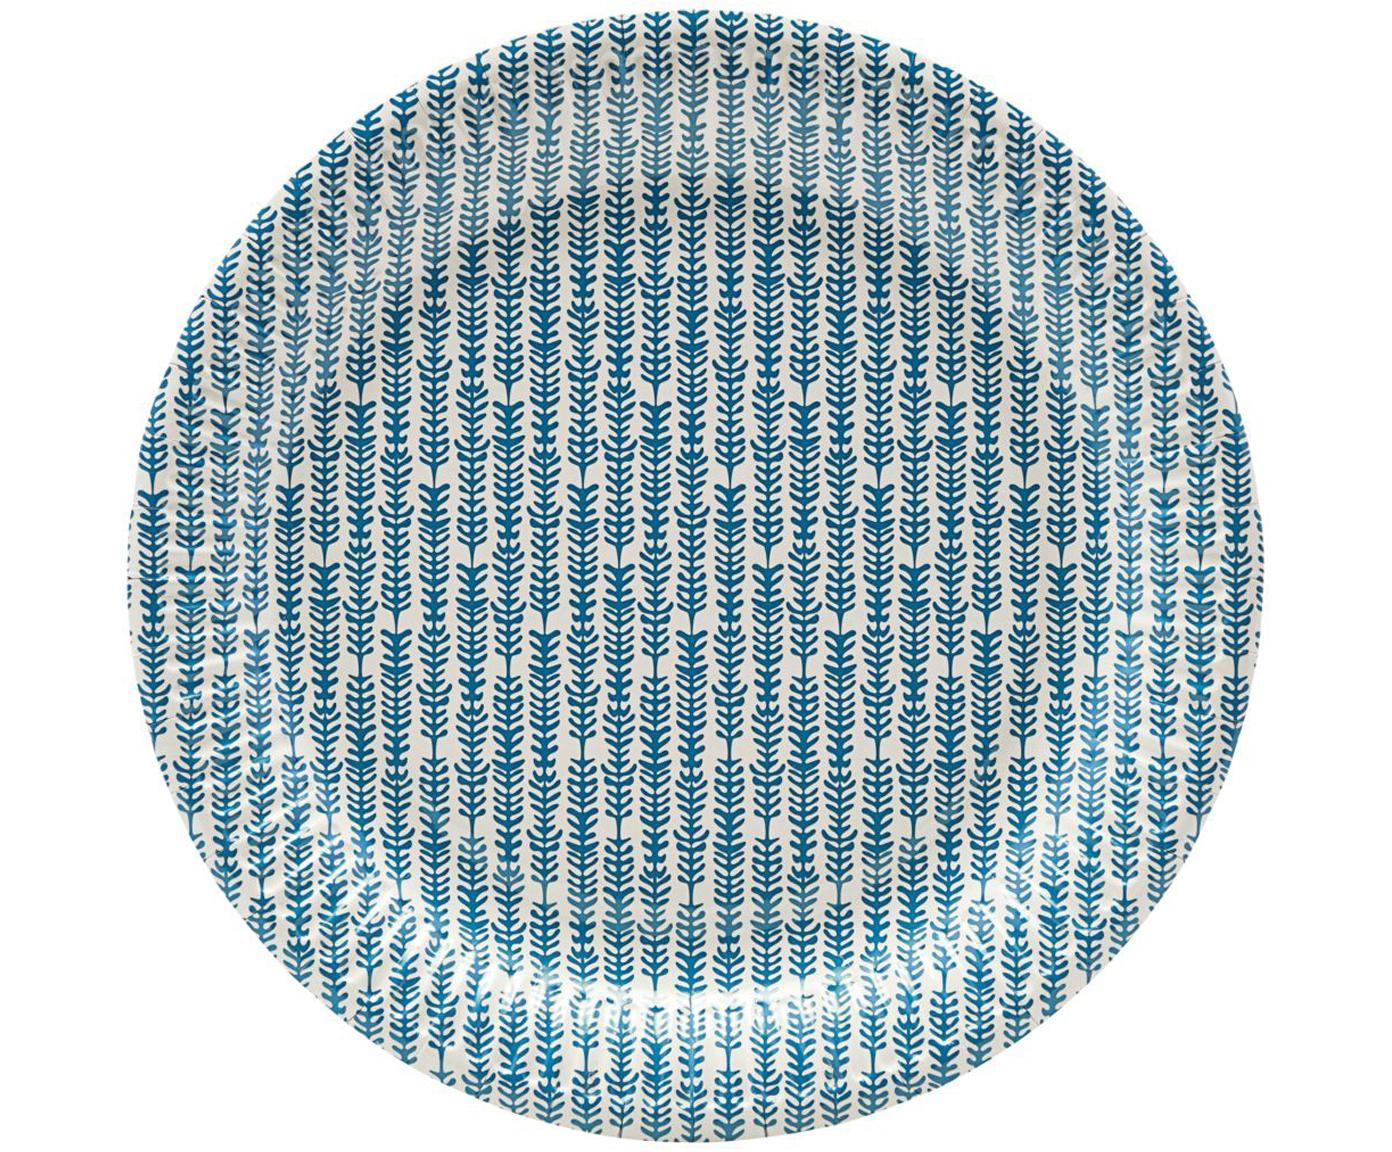 Papier-Teller Branch, 12 Stück, Papier, Blau, Weiss, Ø 23 x H 1 cm